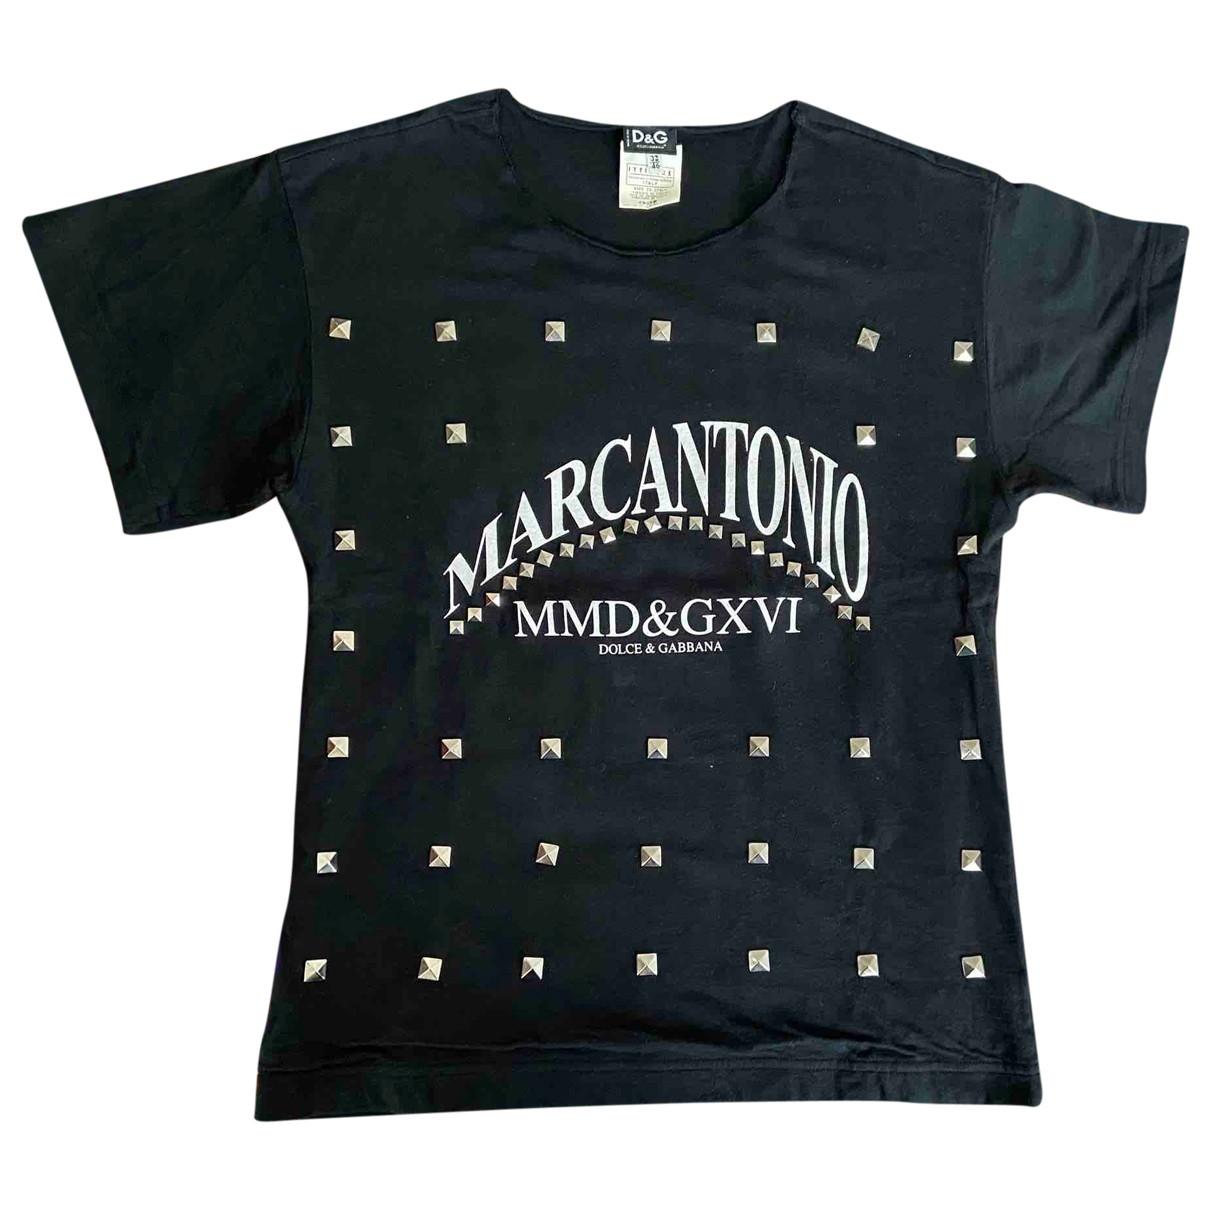 D&g - Tee shirts   pour homme en coton - noir